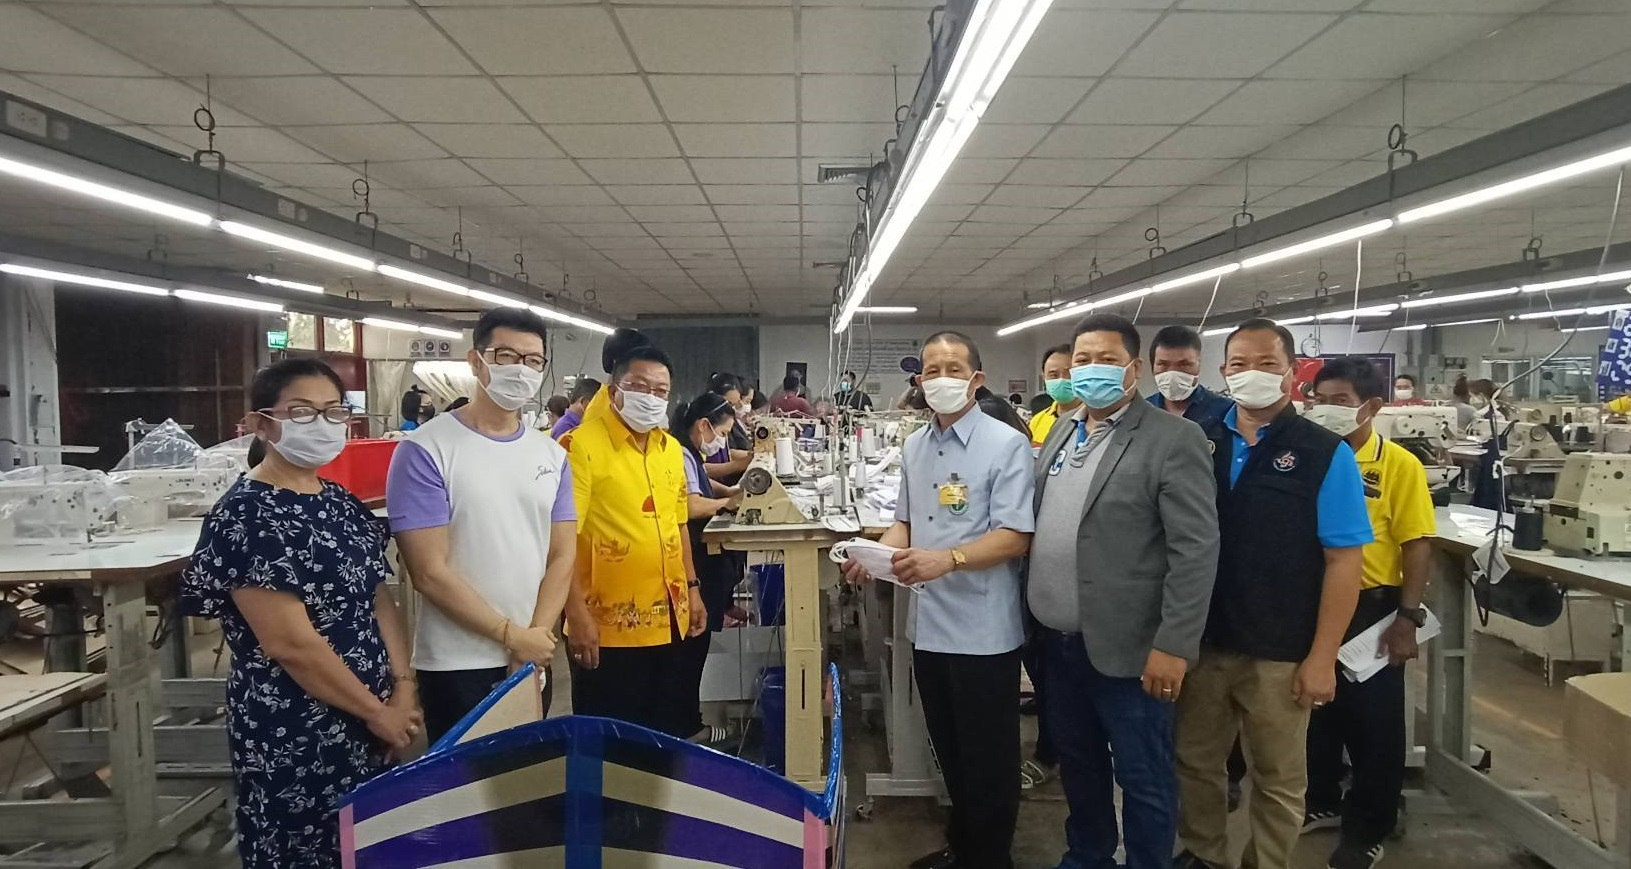 ซาบีน่า โรงงานยโสธร เปิดไลน์ผลิตหน้ากากผ้าเพื่อมอบให้กับประชาชน ป้องกันโควิด-19